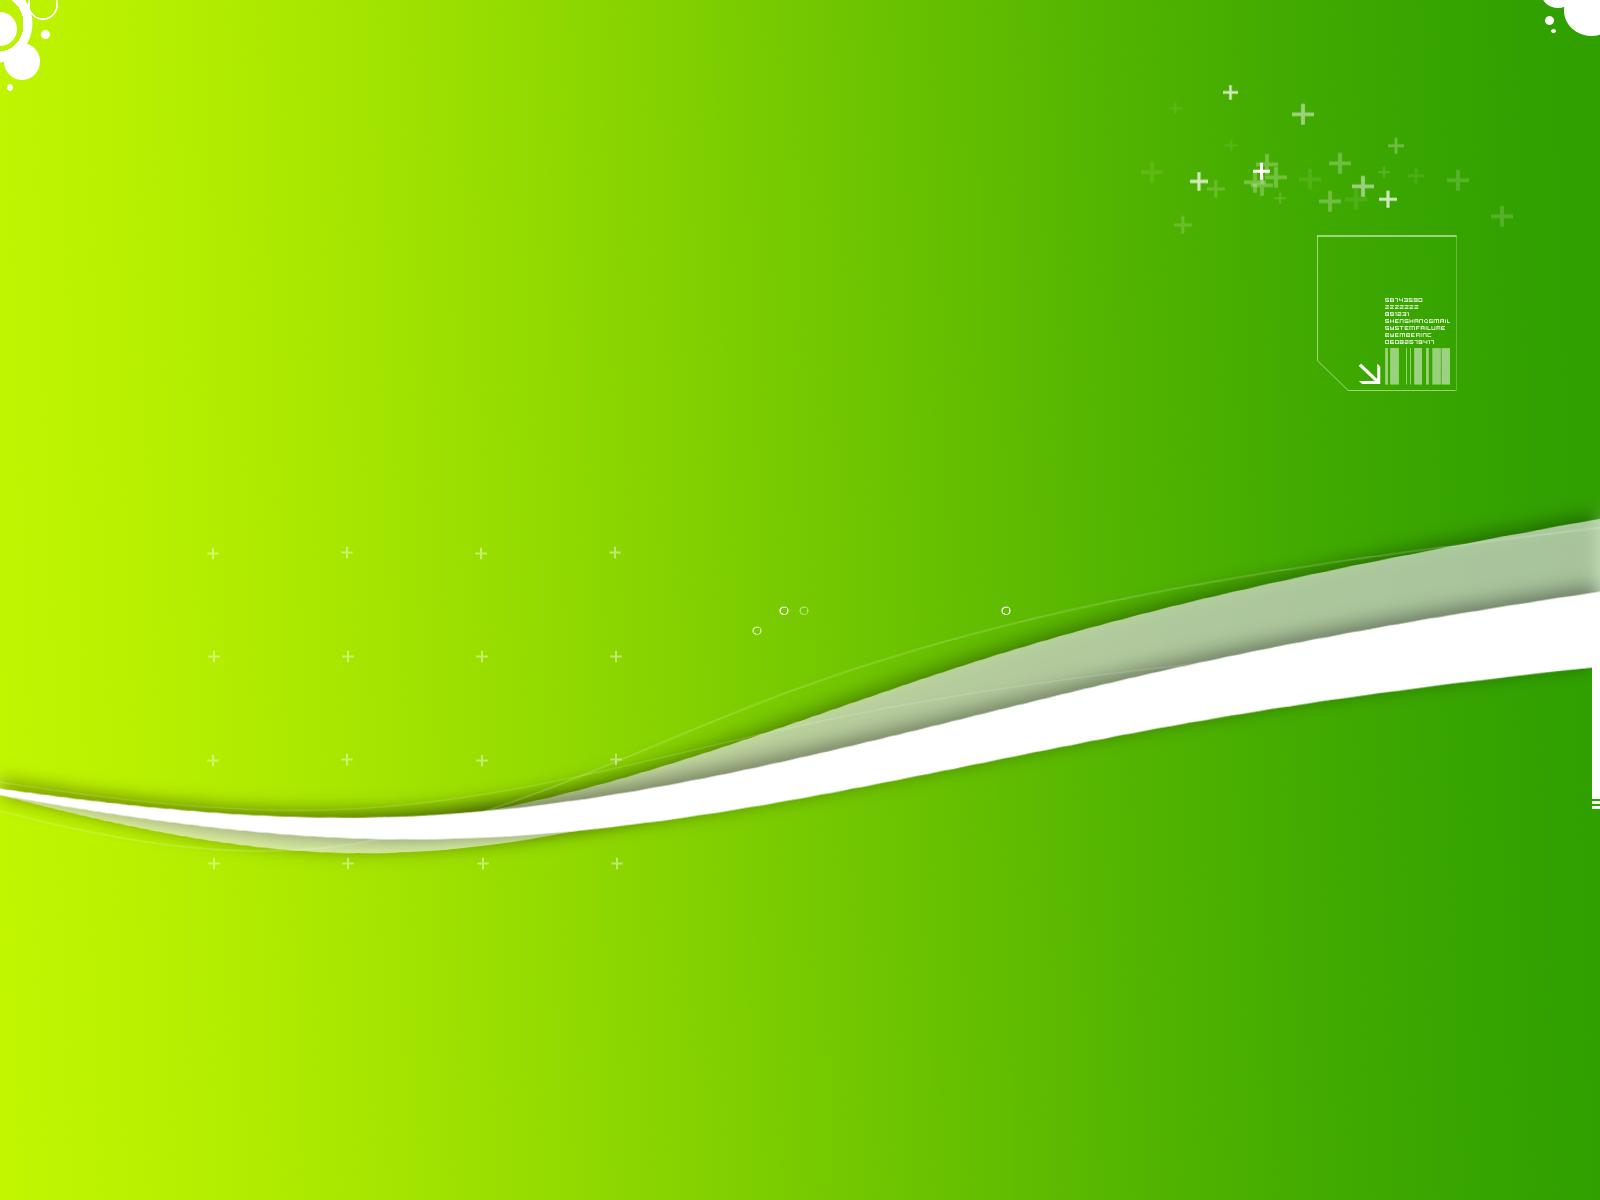 Green Freak by emberInc